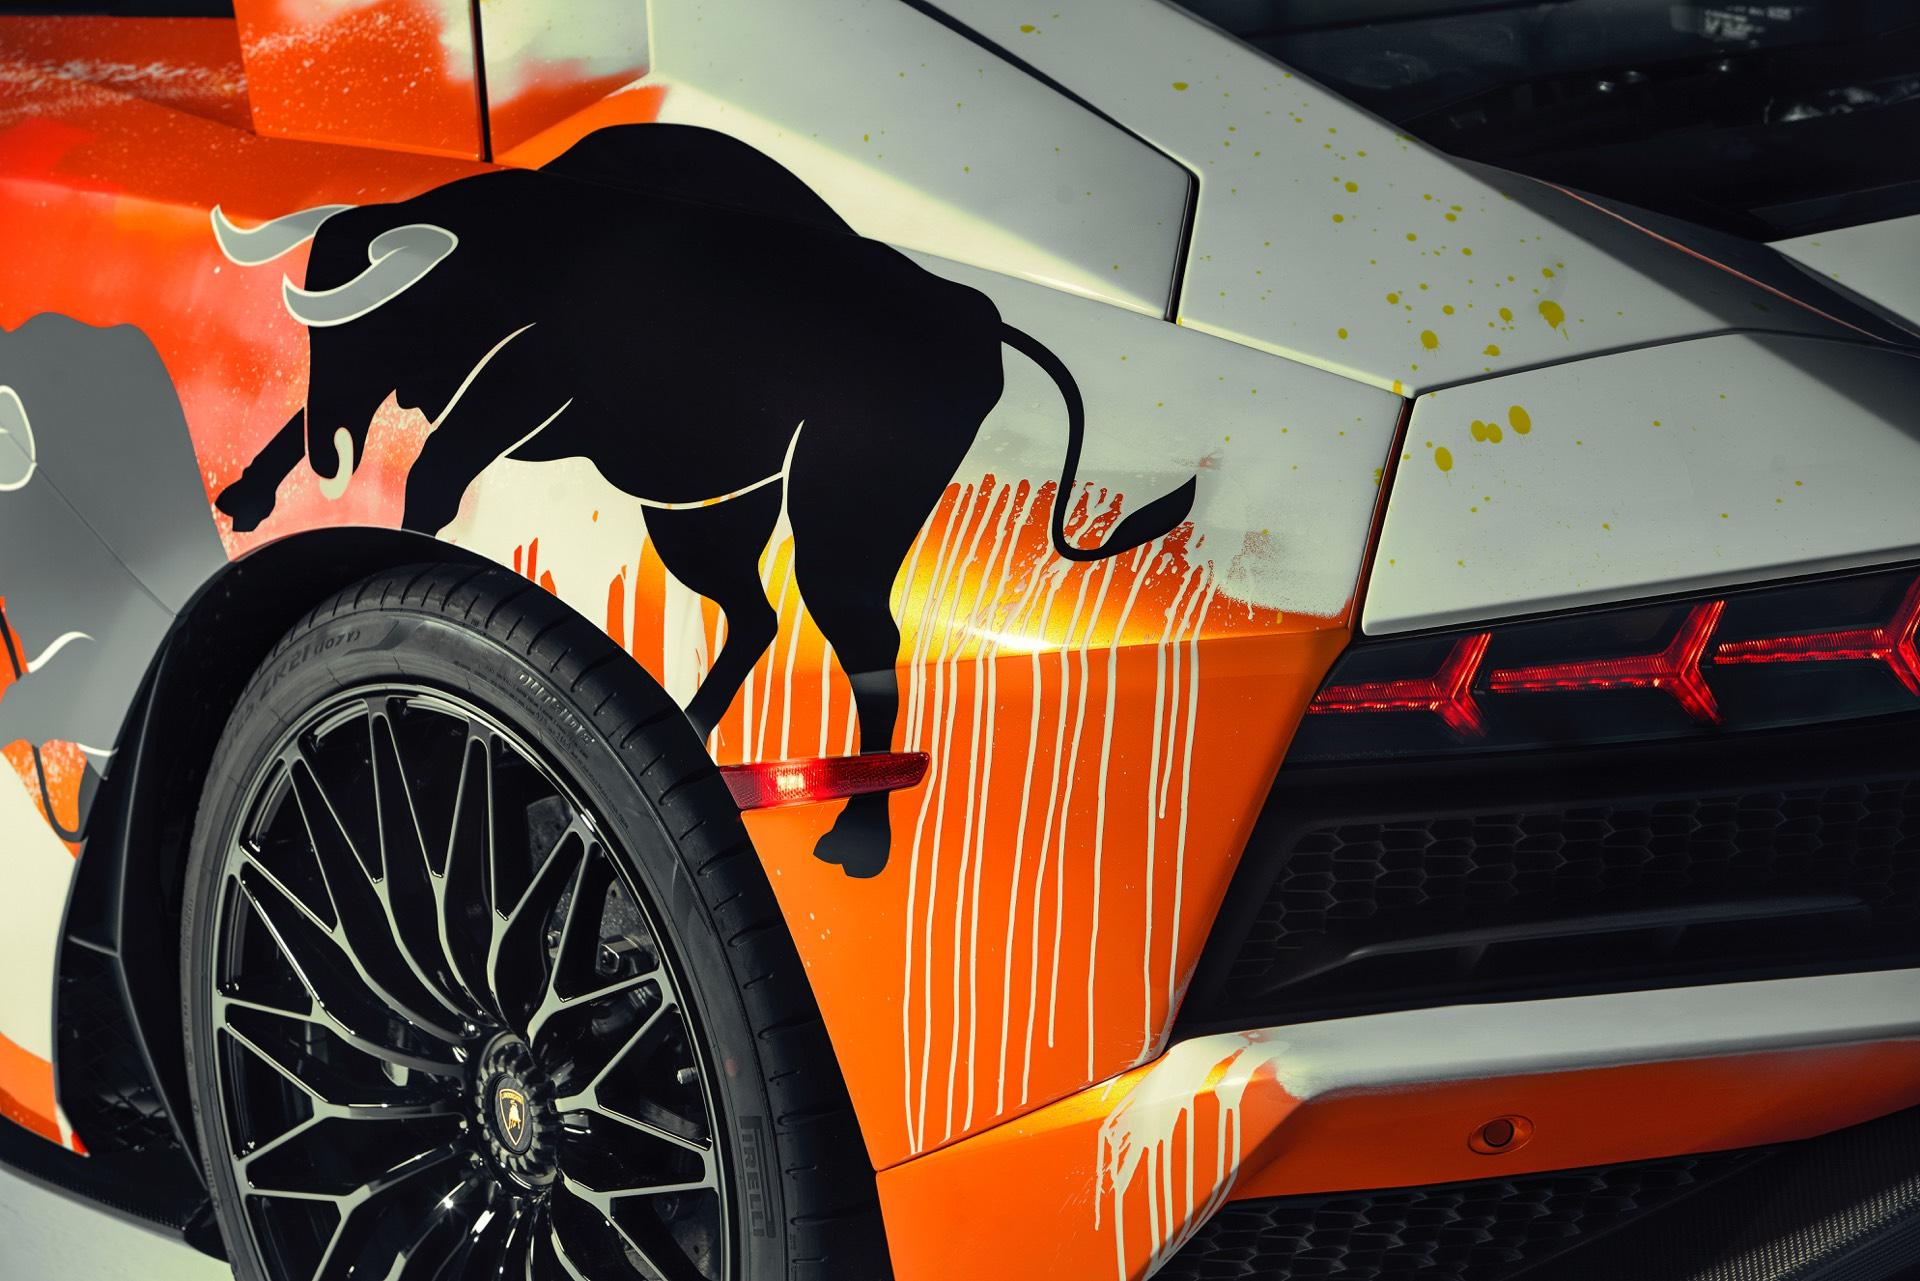 Skyler-Grey-Lamborghini-Aventador-S-Art-Car14